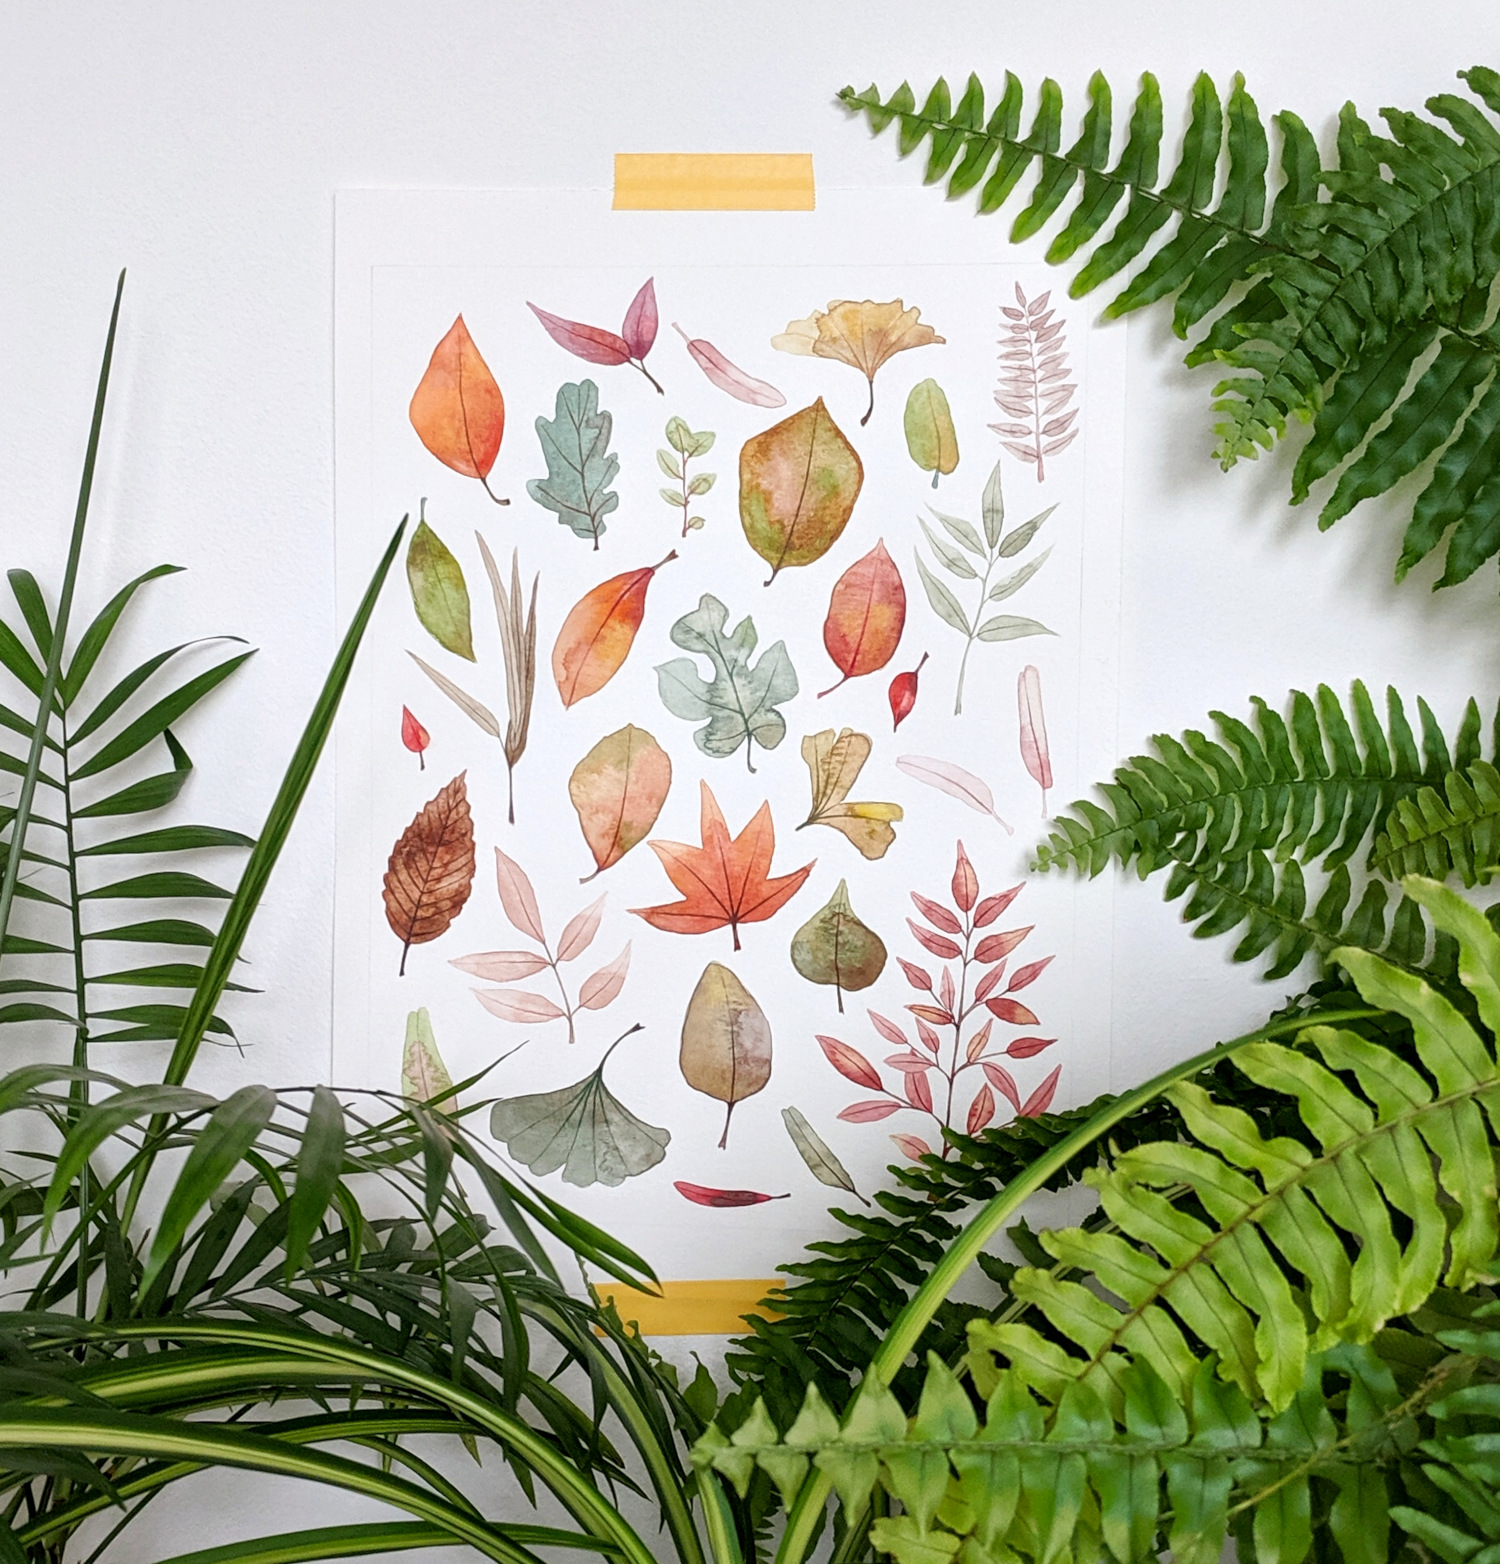 leavesforblog.jpg